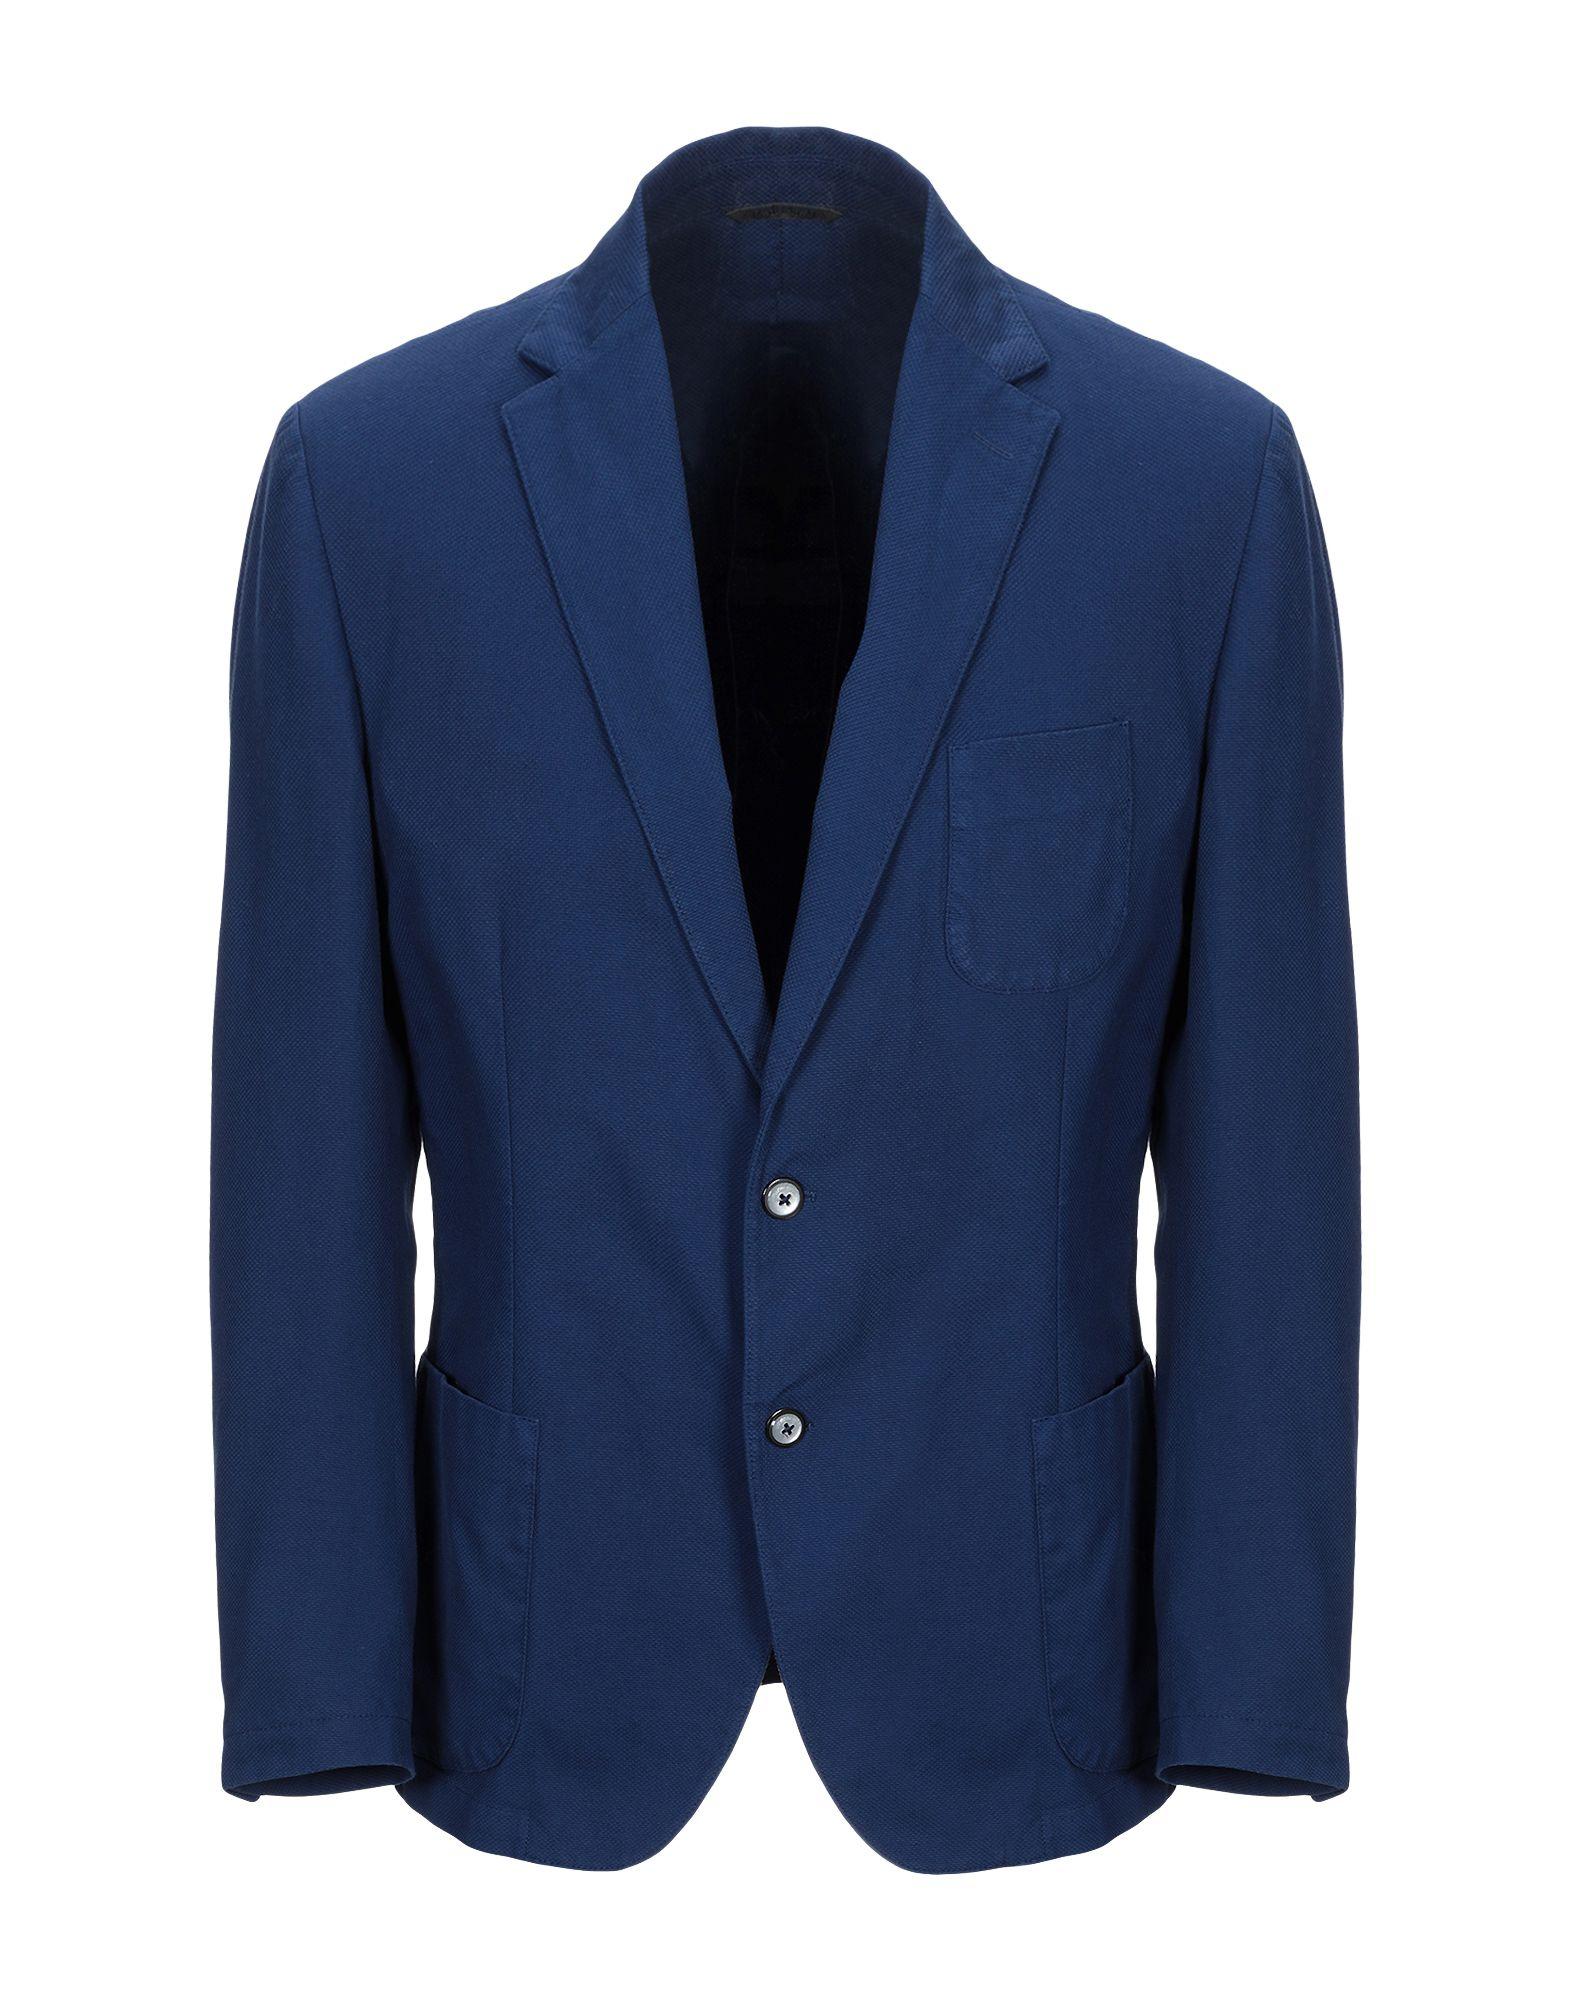 《期間限定セール開催中!》DOUBLE EIGHT メンズ テーラードジャケット ブルー 54 コットン 98% / ポリウレタン 2%